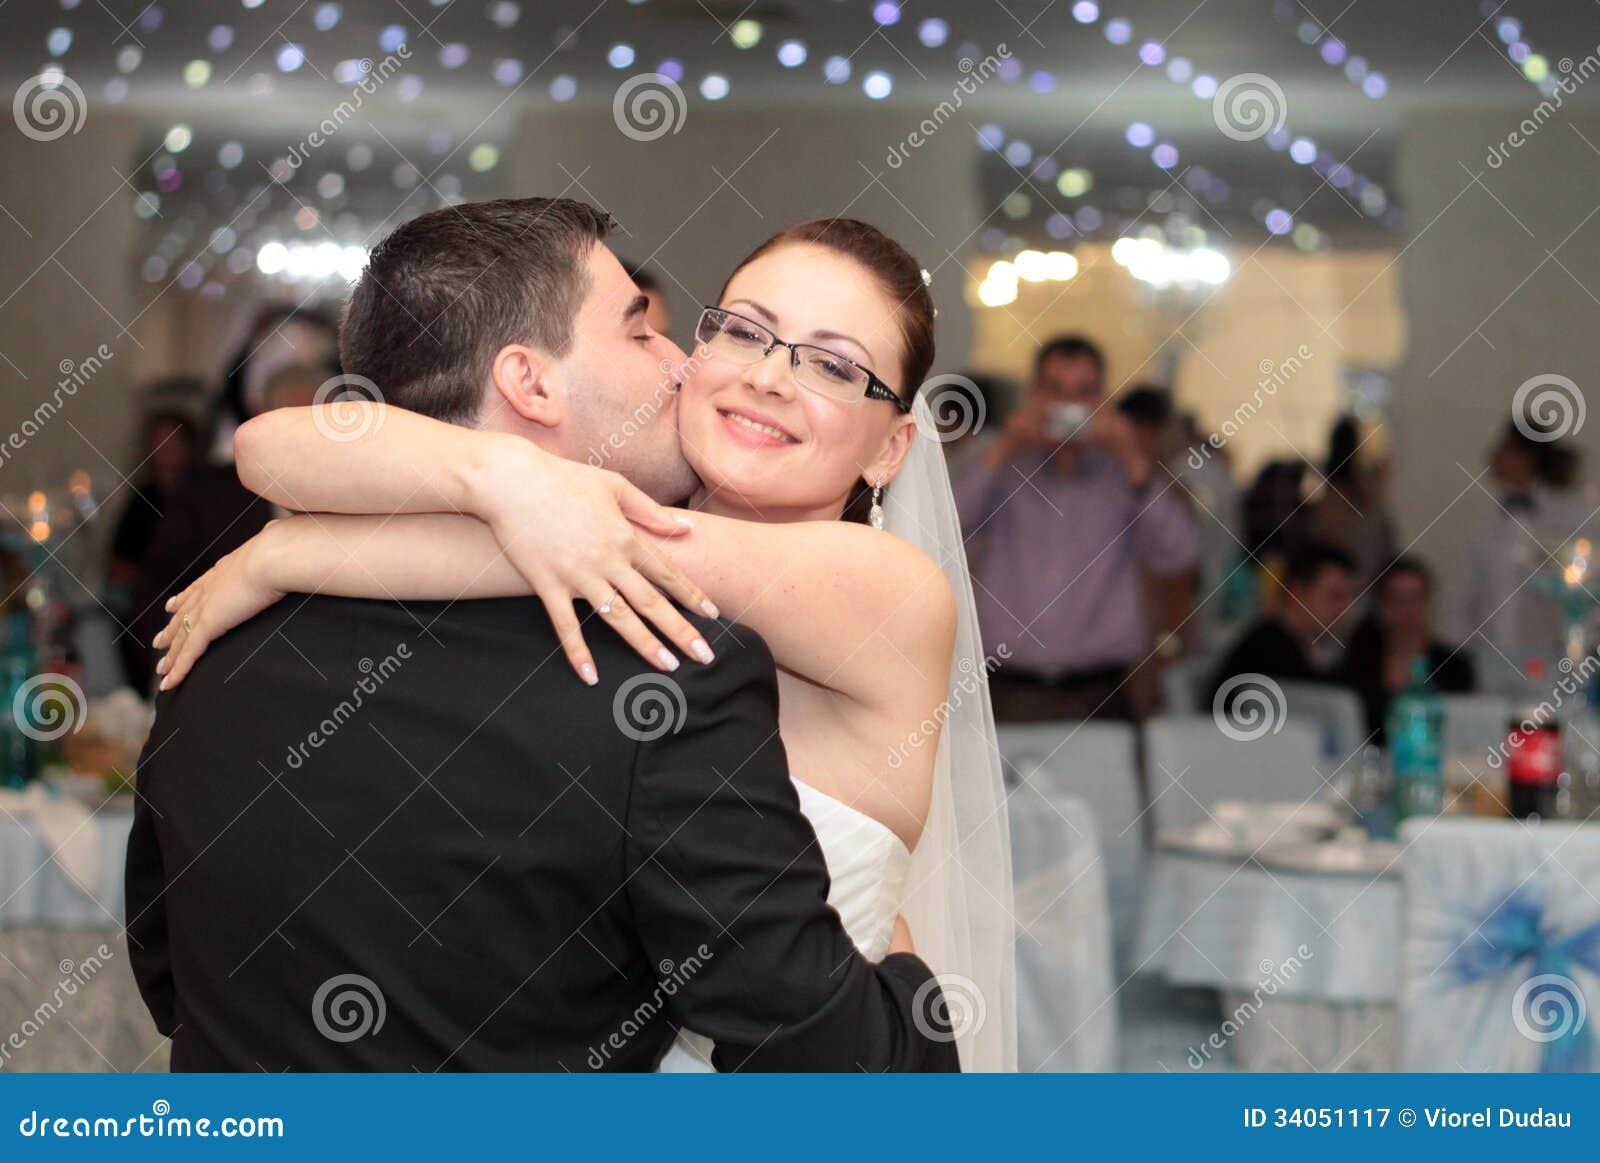 Beijo do banquete de casamento